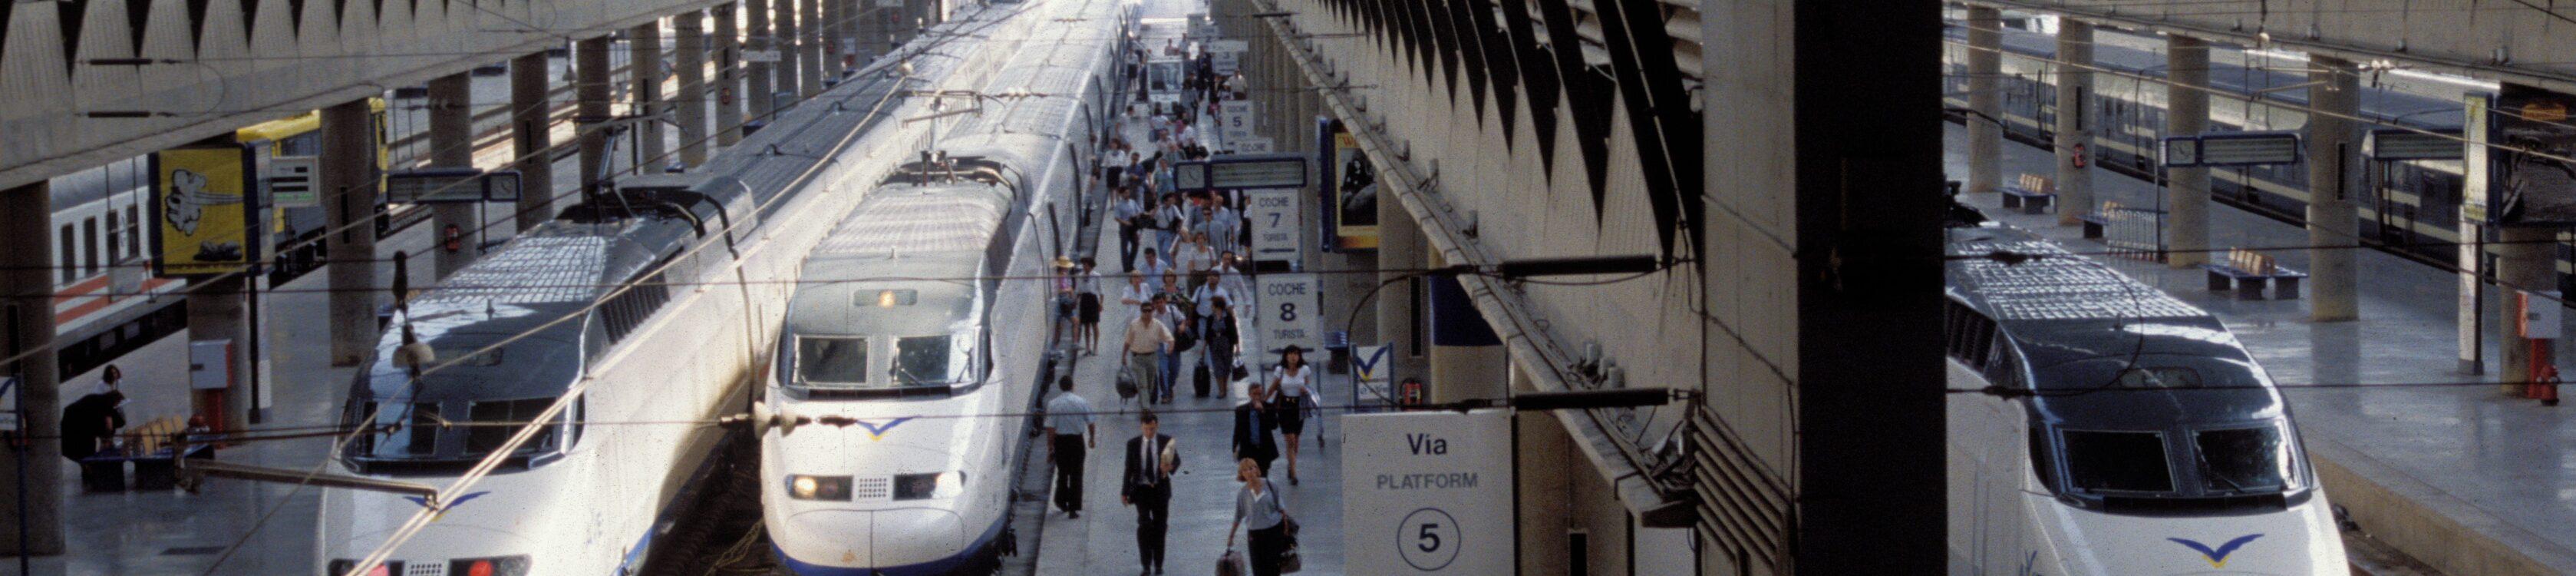 Adif prepara un plan de transformación digital de las principales estaciones de tren en España